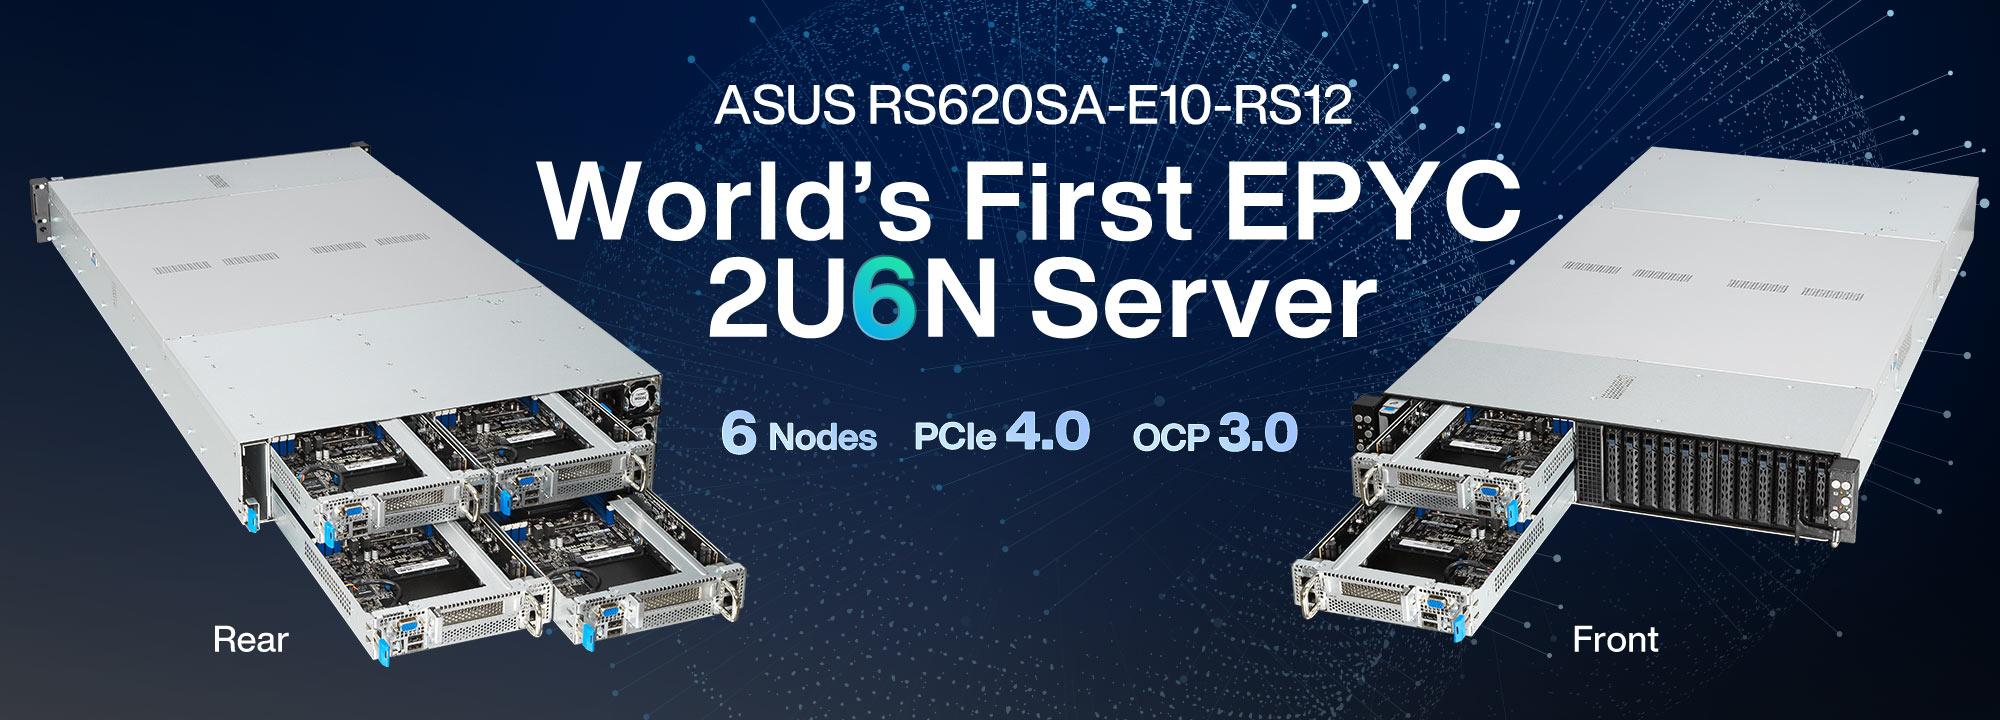 ASUS RS620SA-E10-RS12 - Server EPYC 2U6N yang Pertama di Dunia